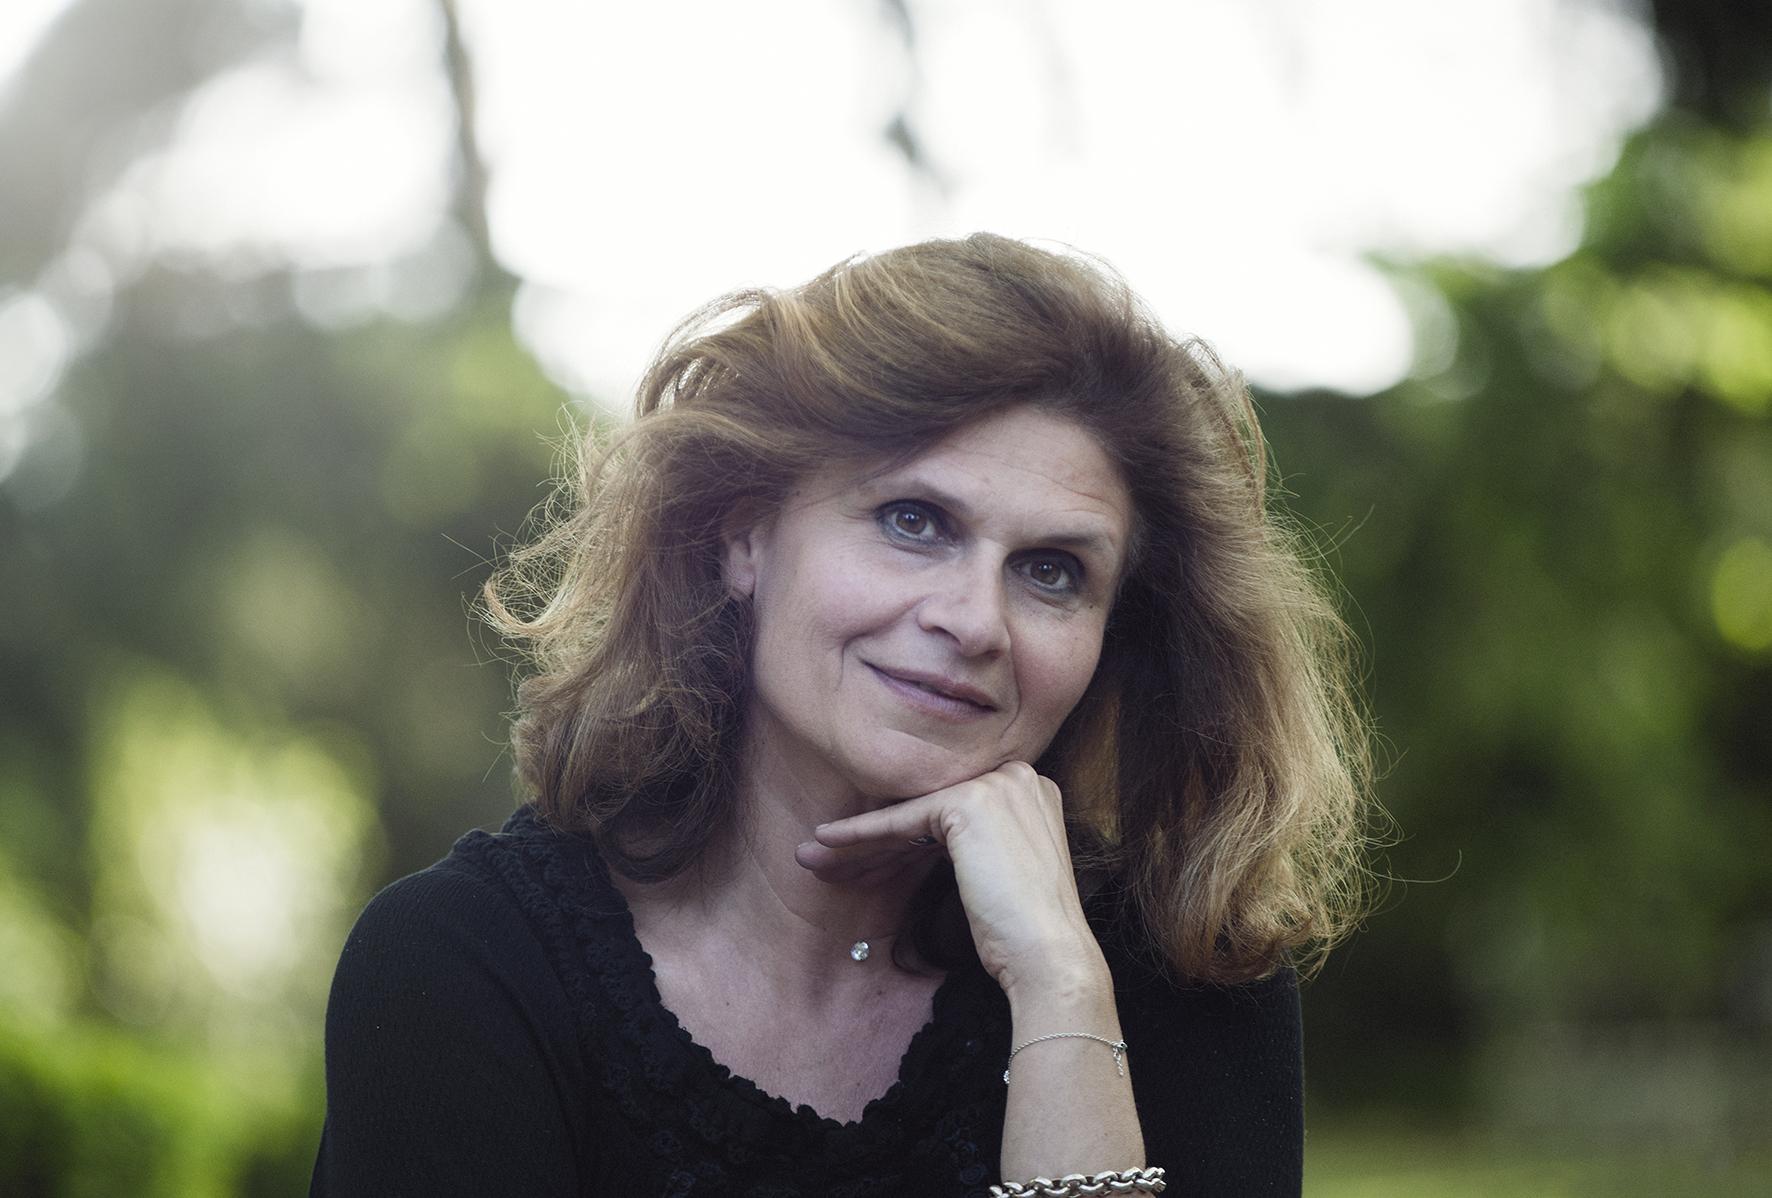 Clarisse KACHKÉMANIAN